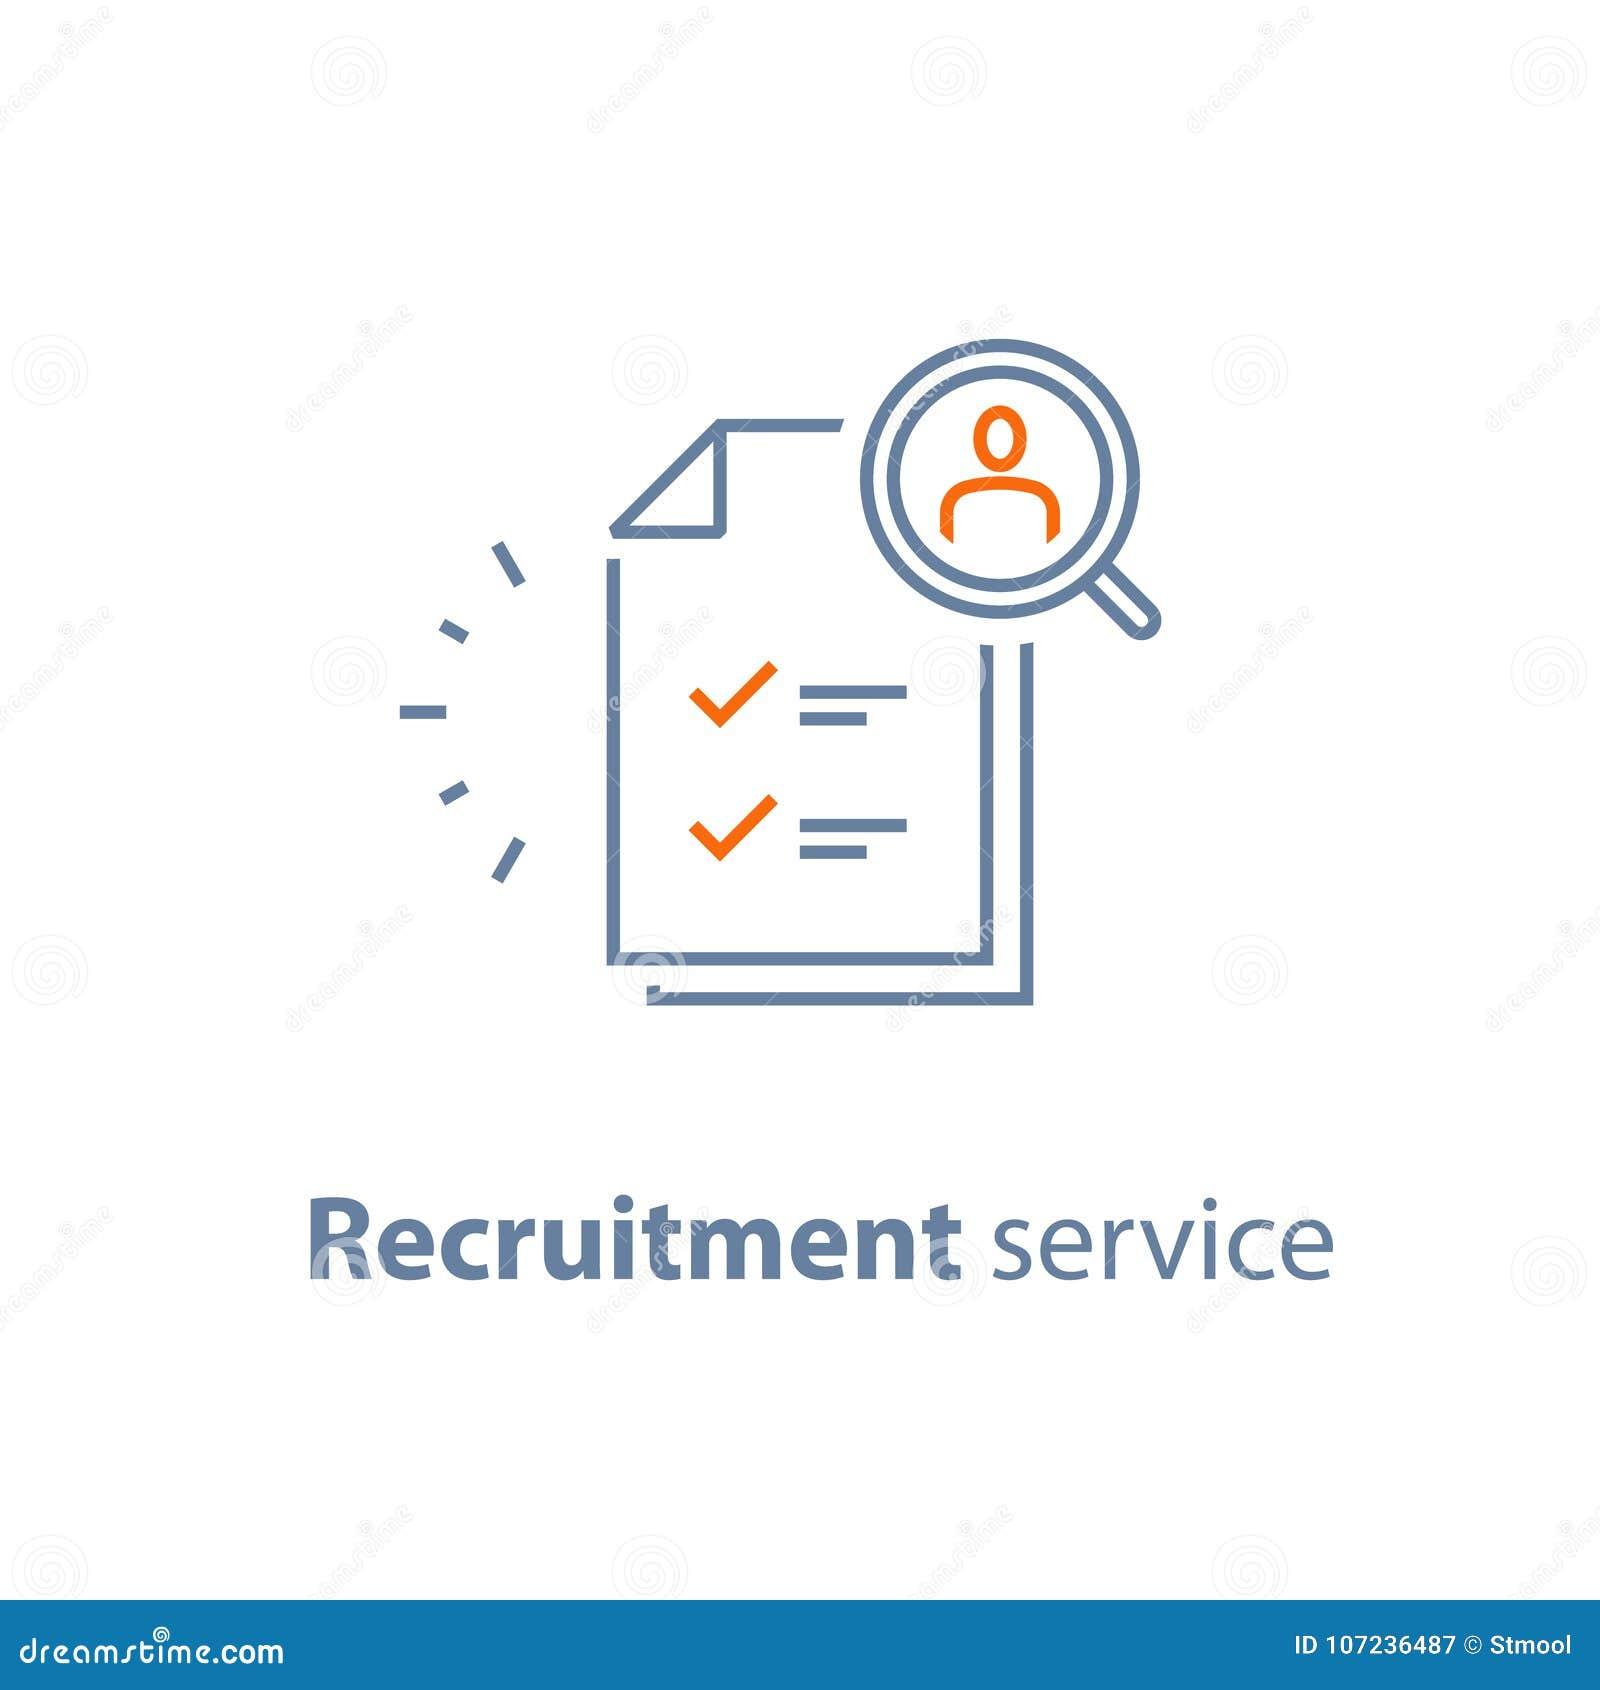 Τα ανθρώπινα δυναμικά, επιλέγουν τον υποψήφιο, υπηρεσία πρόσληψης, γεμίζουν το κενό, έννοια απασχόλησης, αναθεώρηση αίτησης υποψη